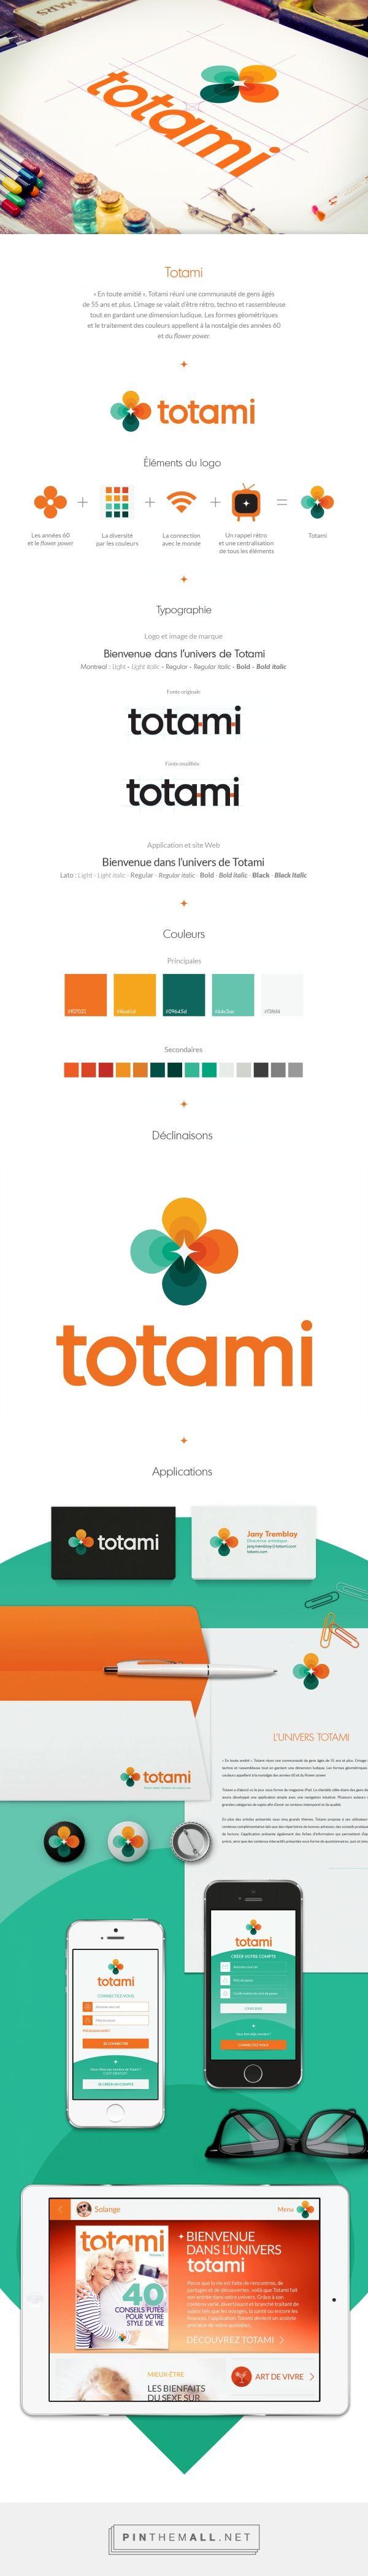 Totami - Branding on Behance